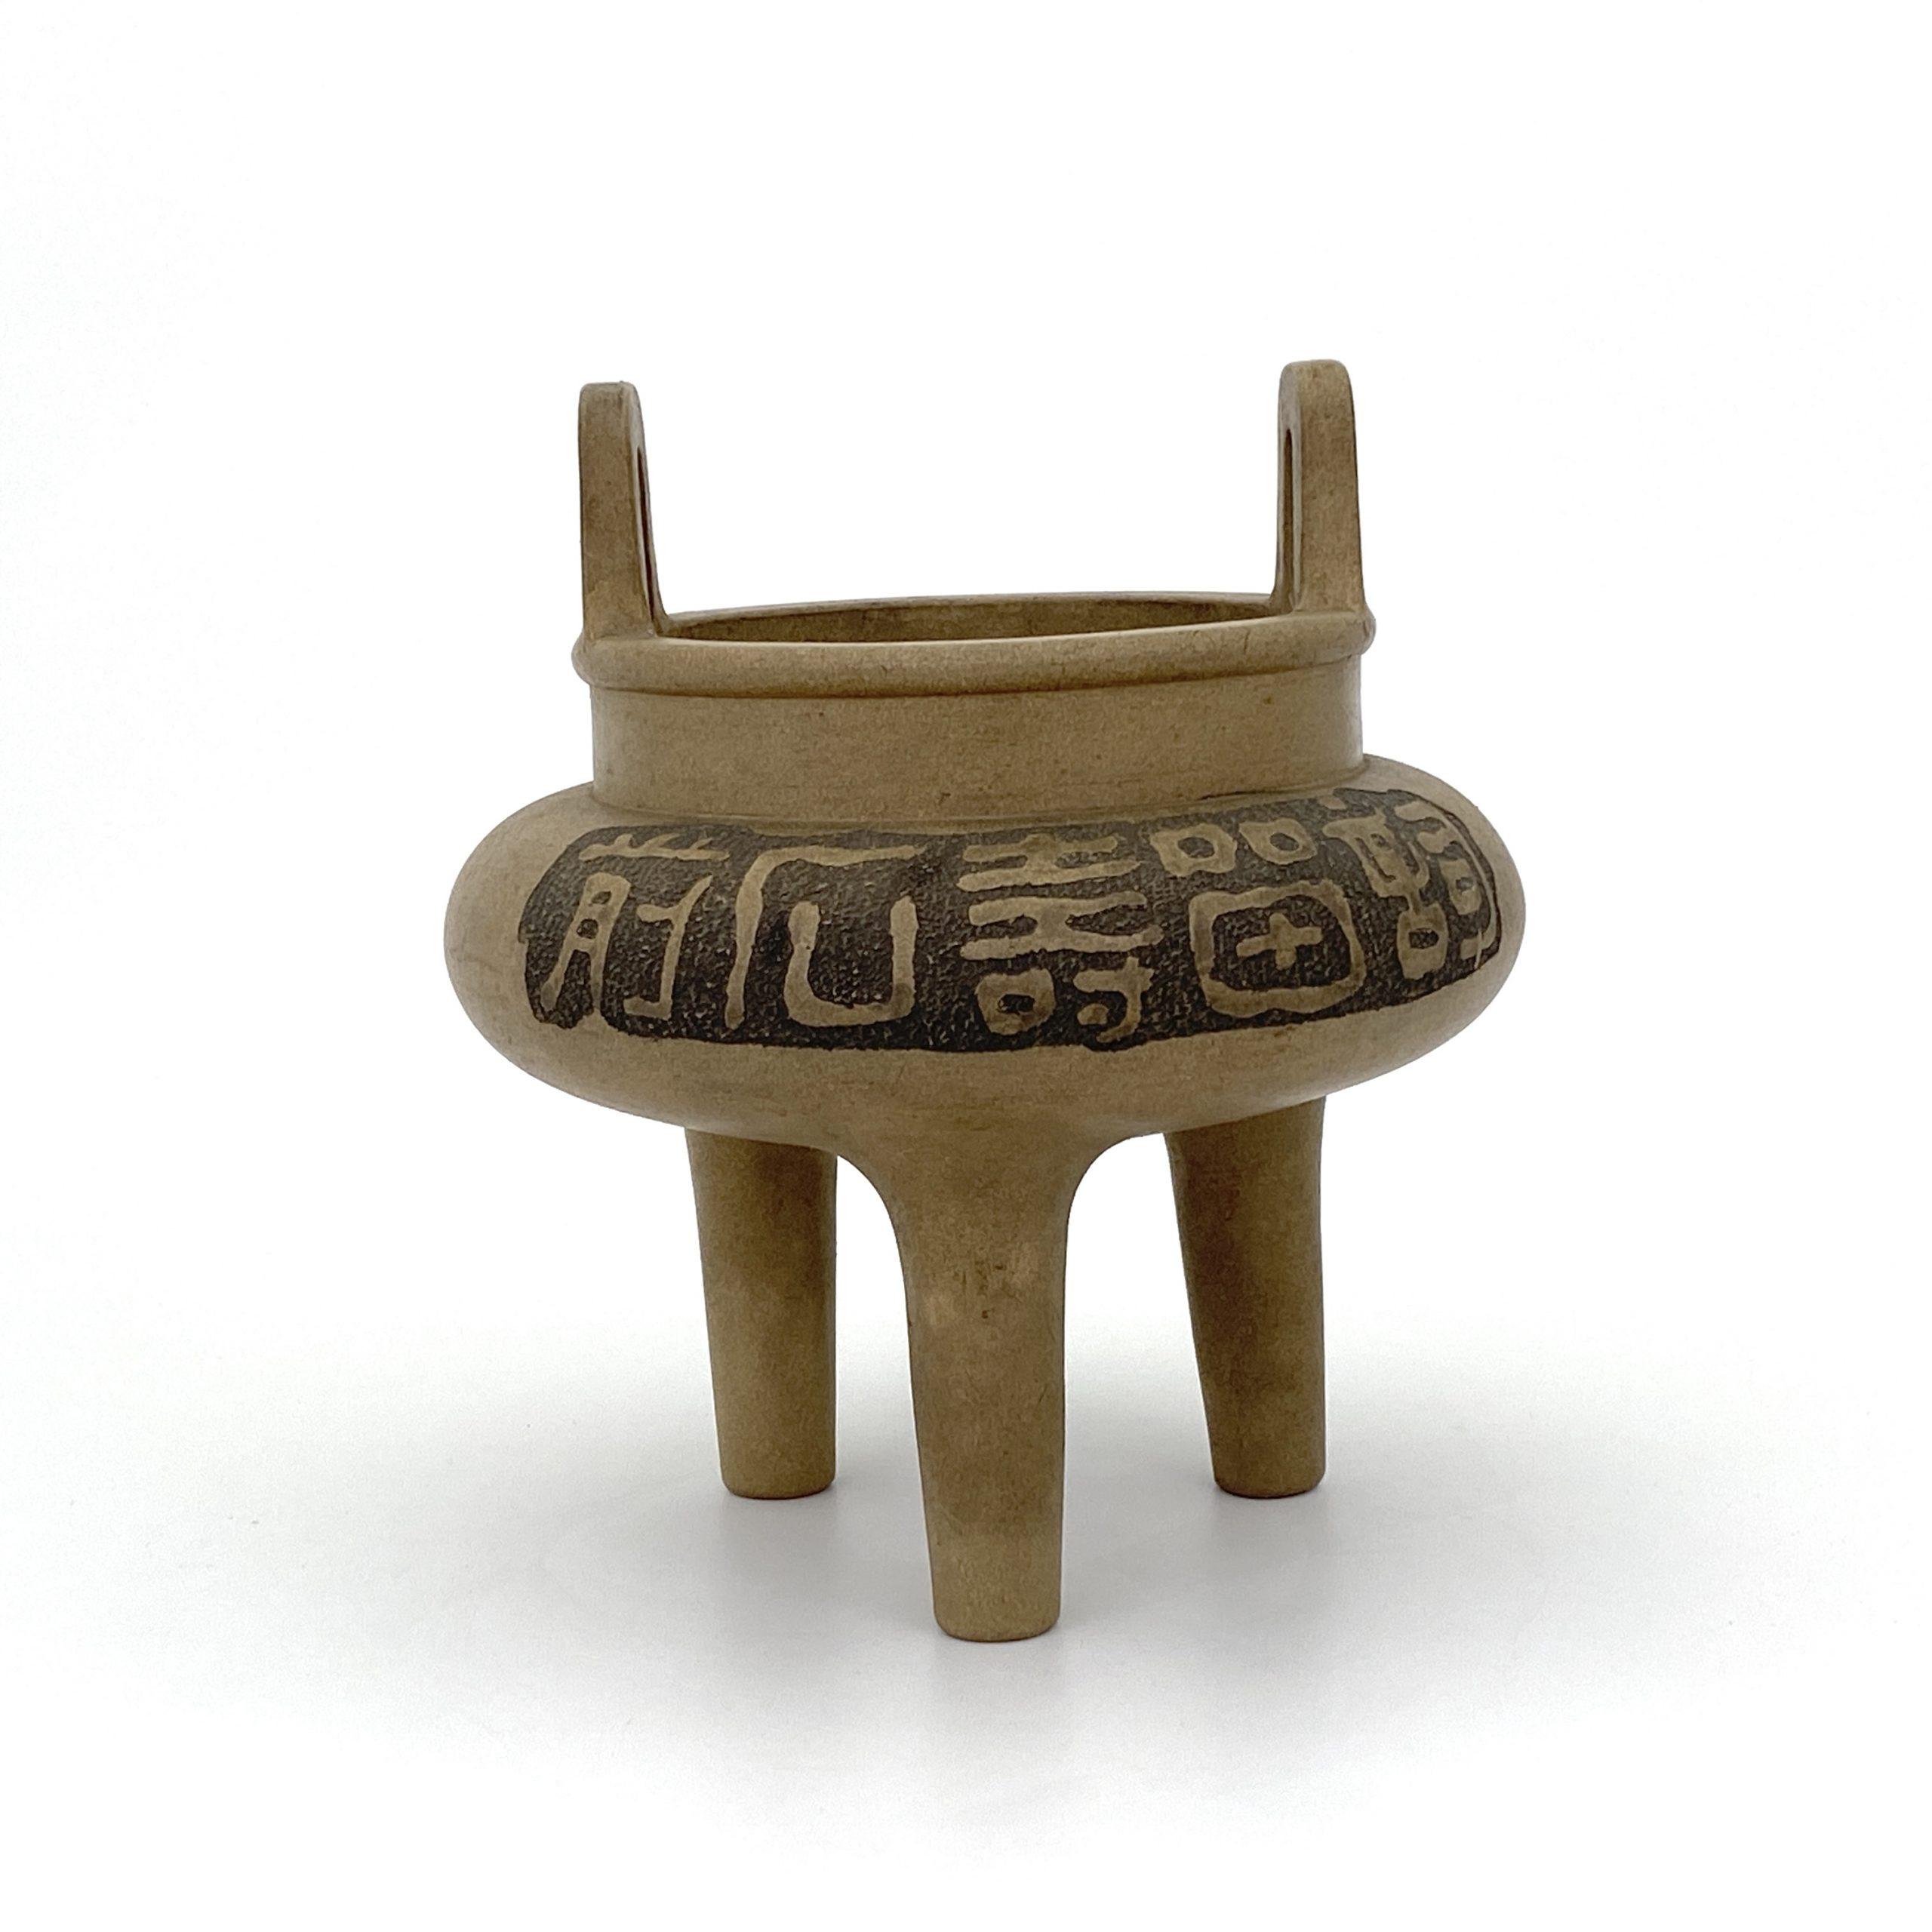 20065「鐡画軒製」「玉屏」款 白泥 刻詩文紋 鼎式 爐